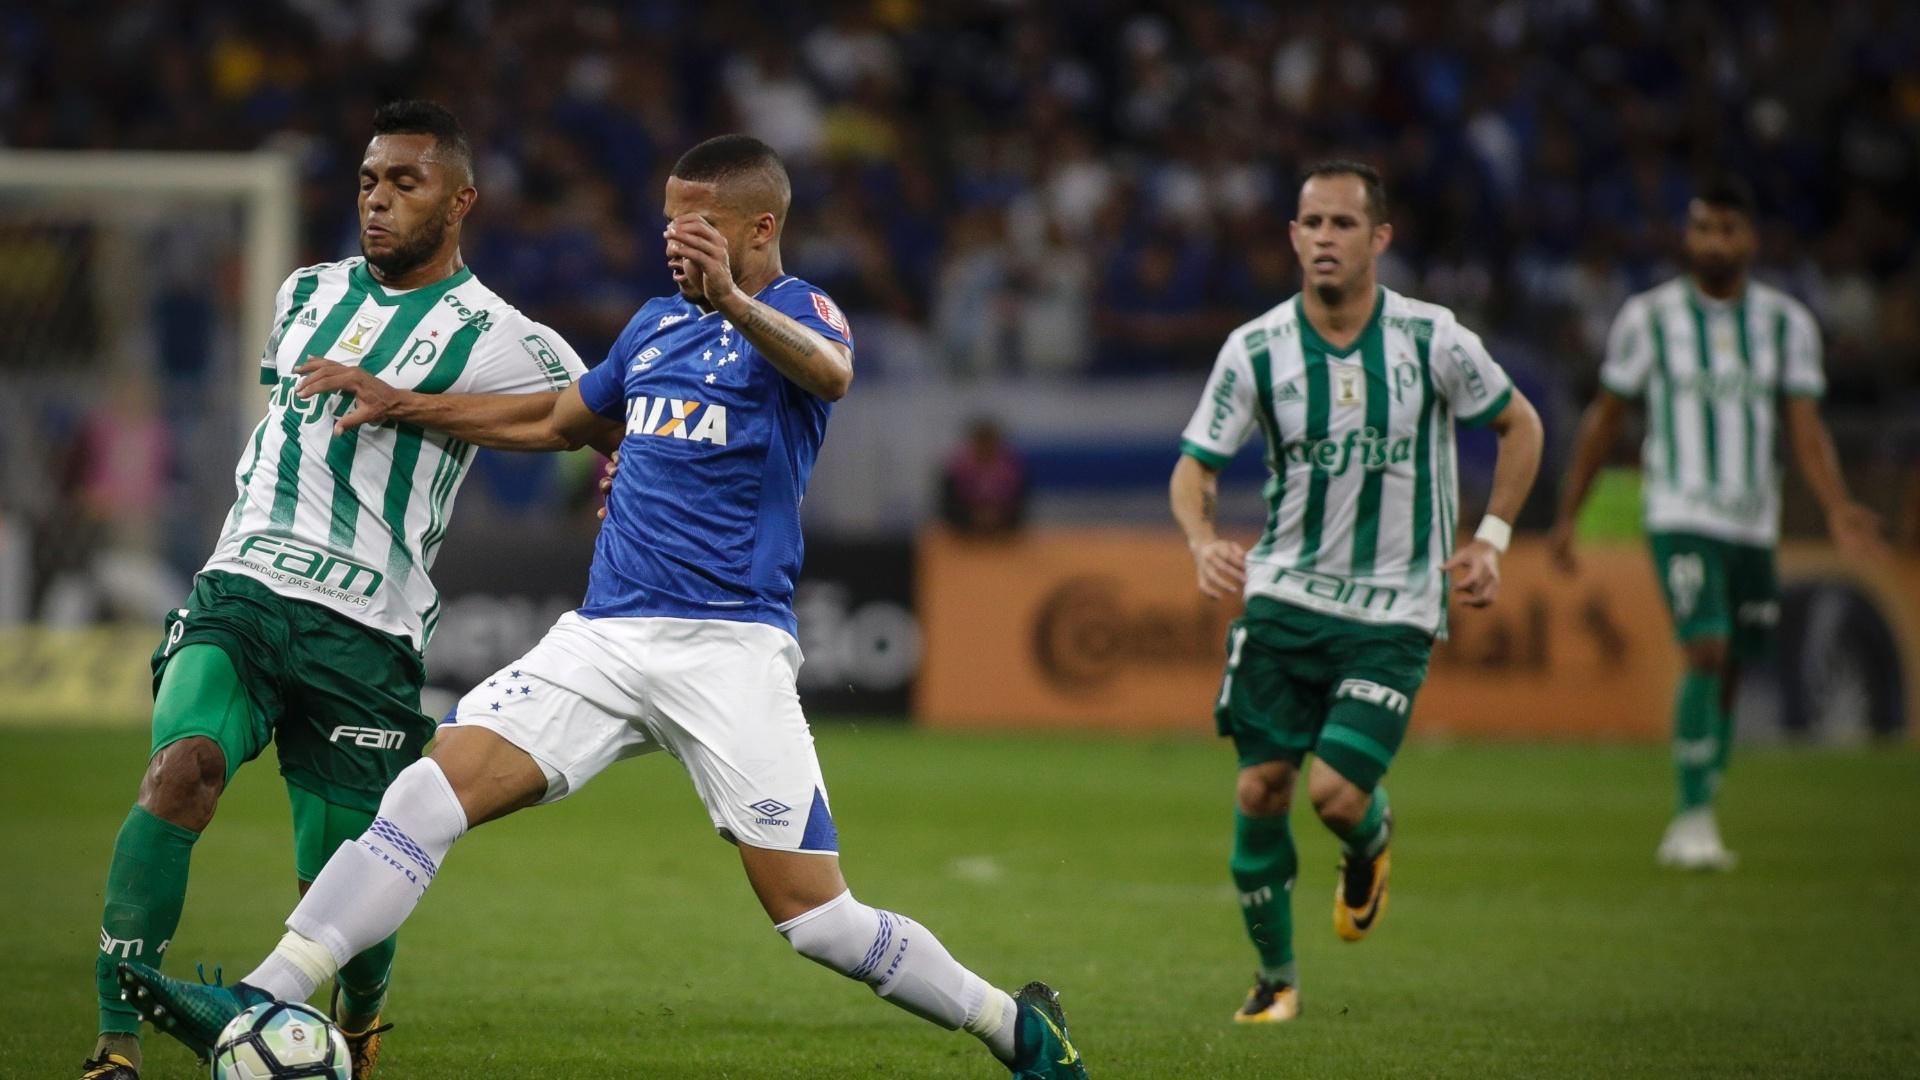 Borja, do Palmeiras, divide com Murilo, do Cruzeiro, em jogo pela Copa do Brasil